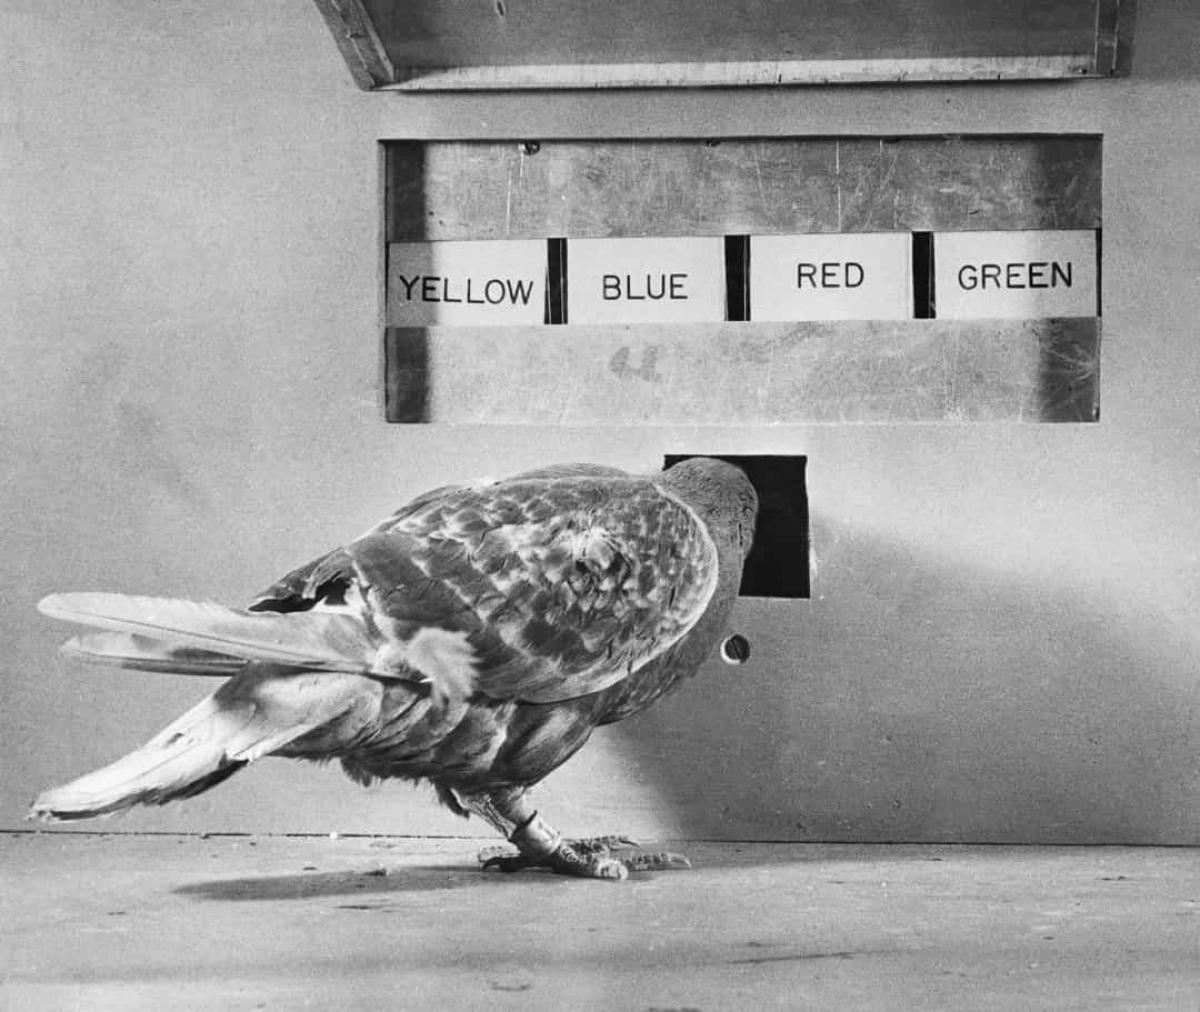 6 thí nghiệm quân sự khó tin của Mỹ trong thế kỷ 20 - Ảnh 5.